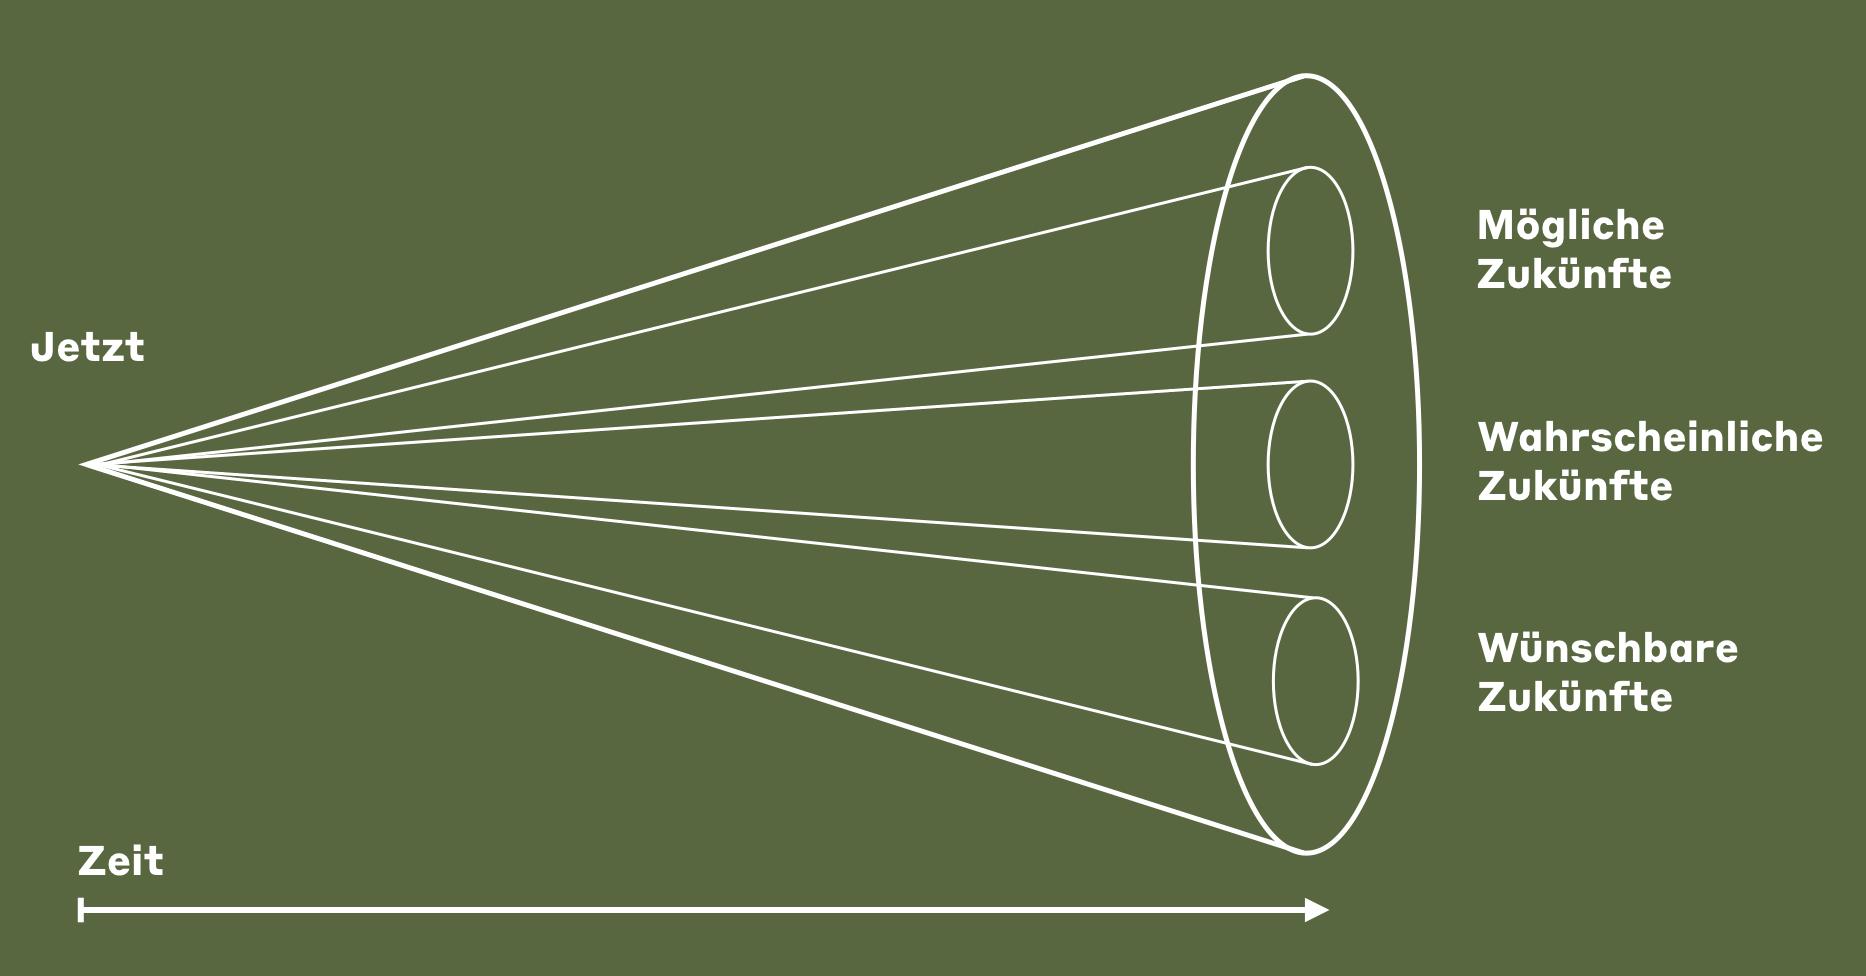 Diagramm mit Zukunftstrichter